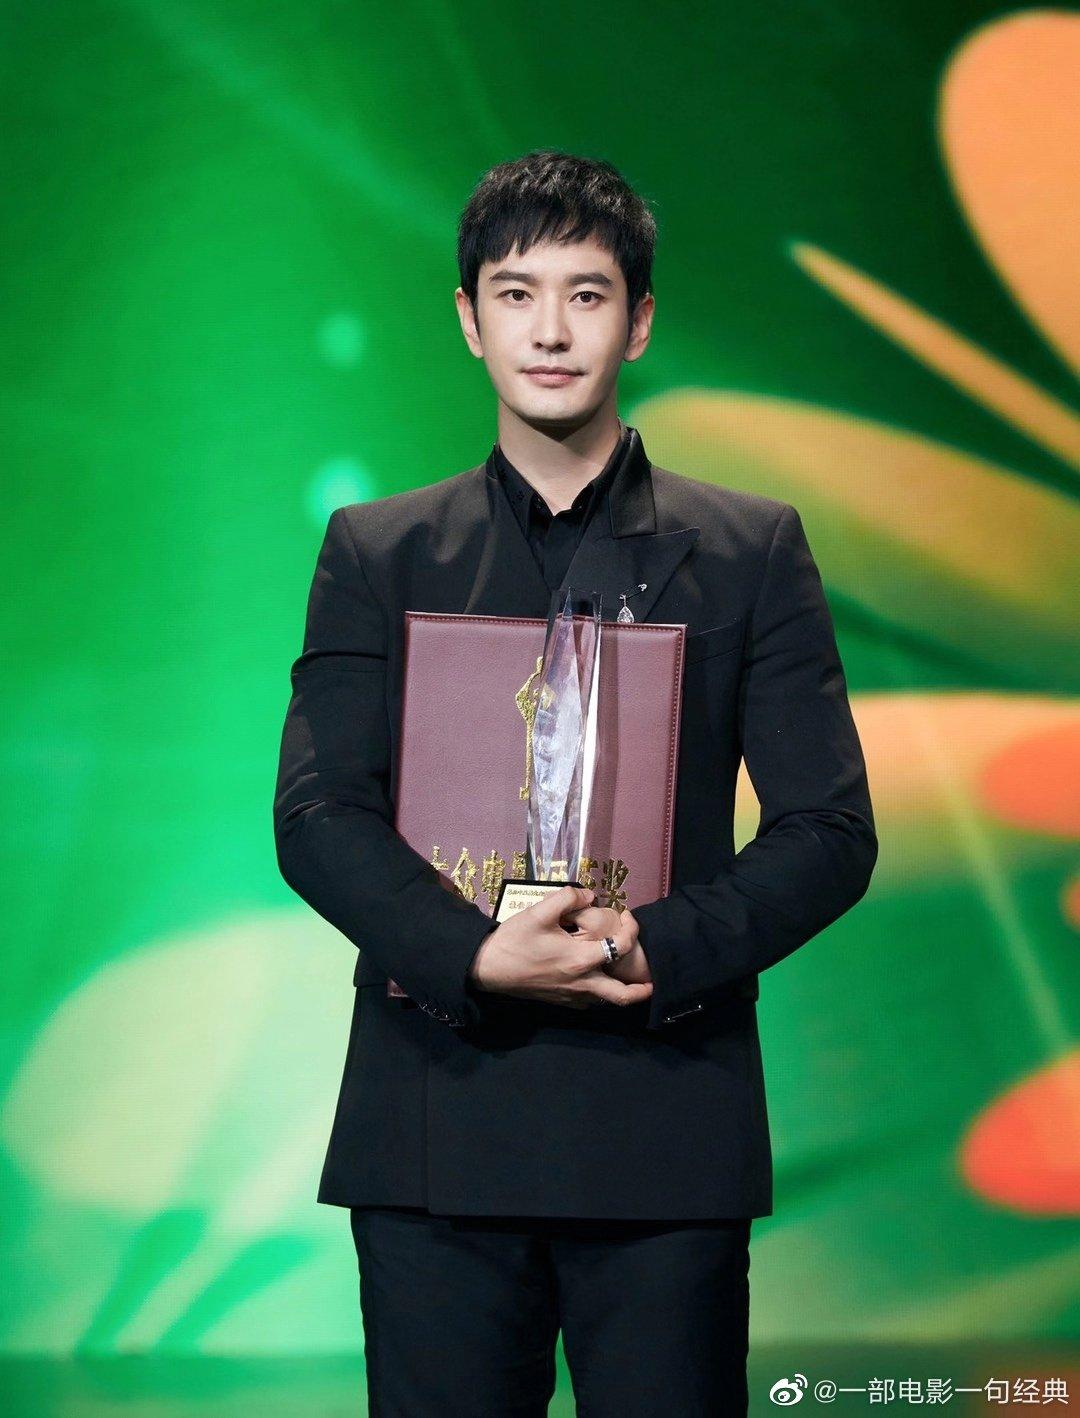 黄晓明凭借电影《烈火英雄》再次摘得百花奖最佳男主角